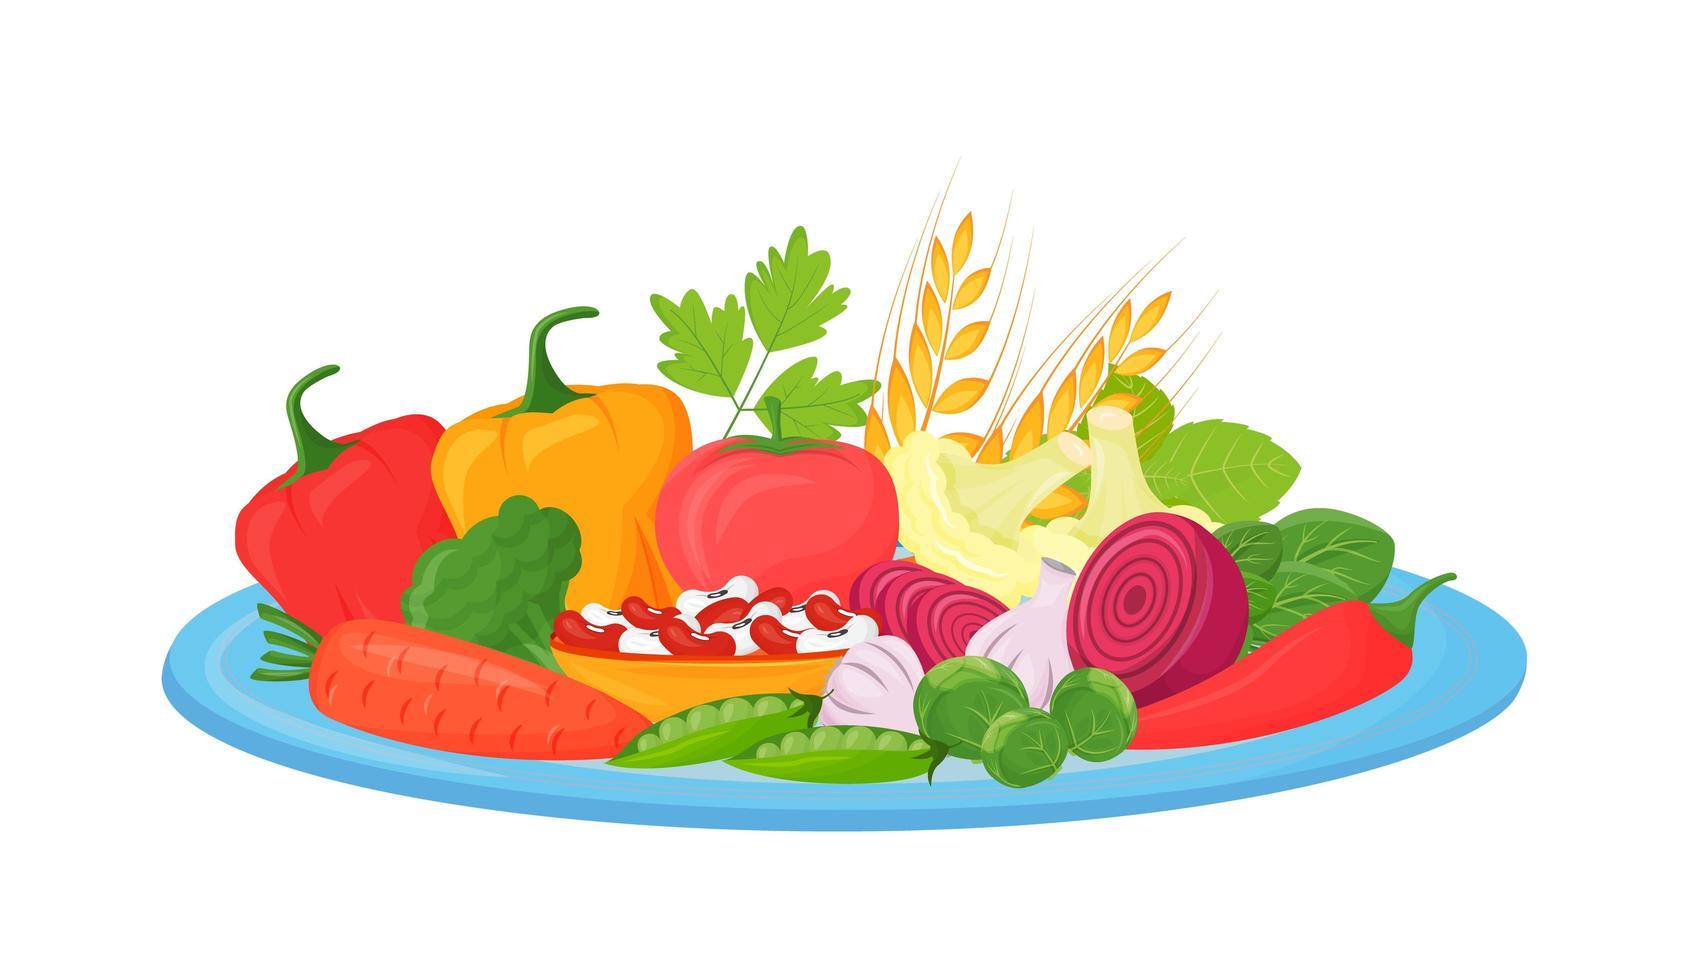 rohes Gemüse auf Teller vektor